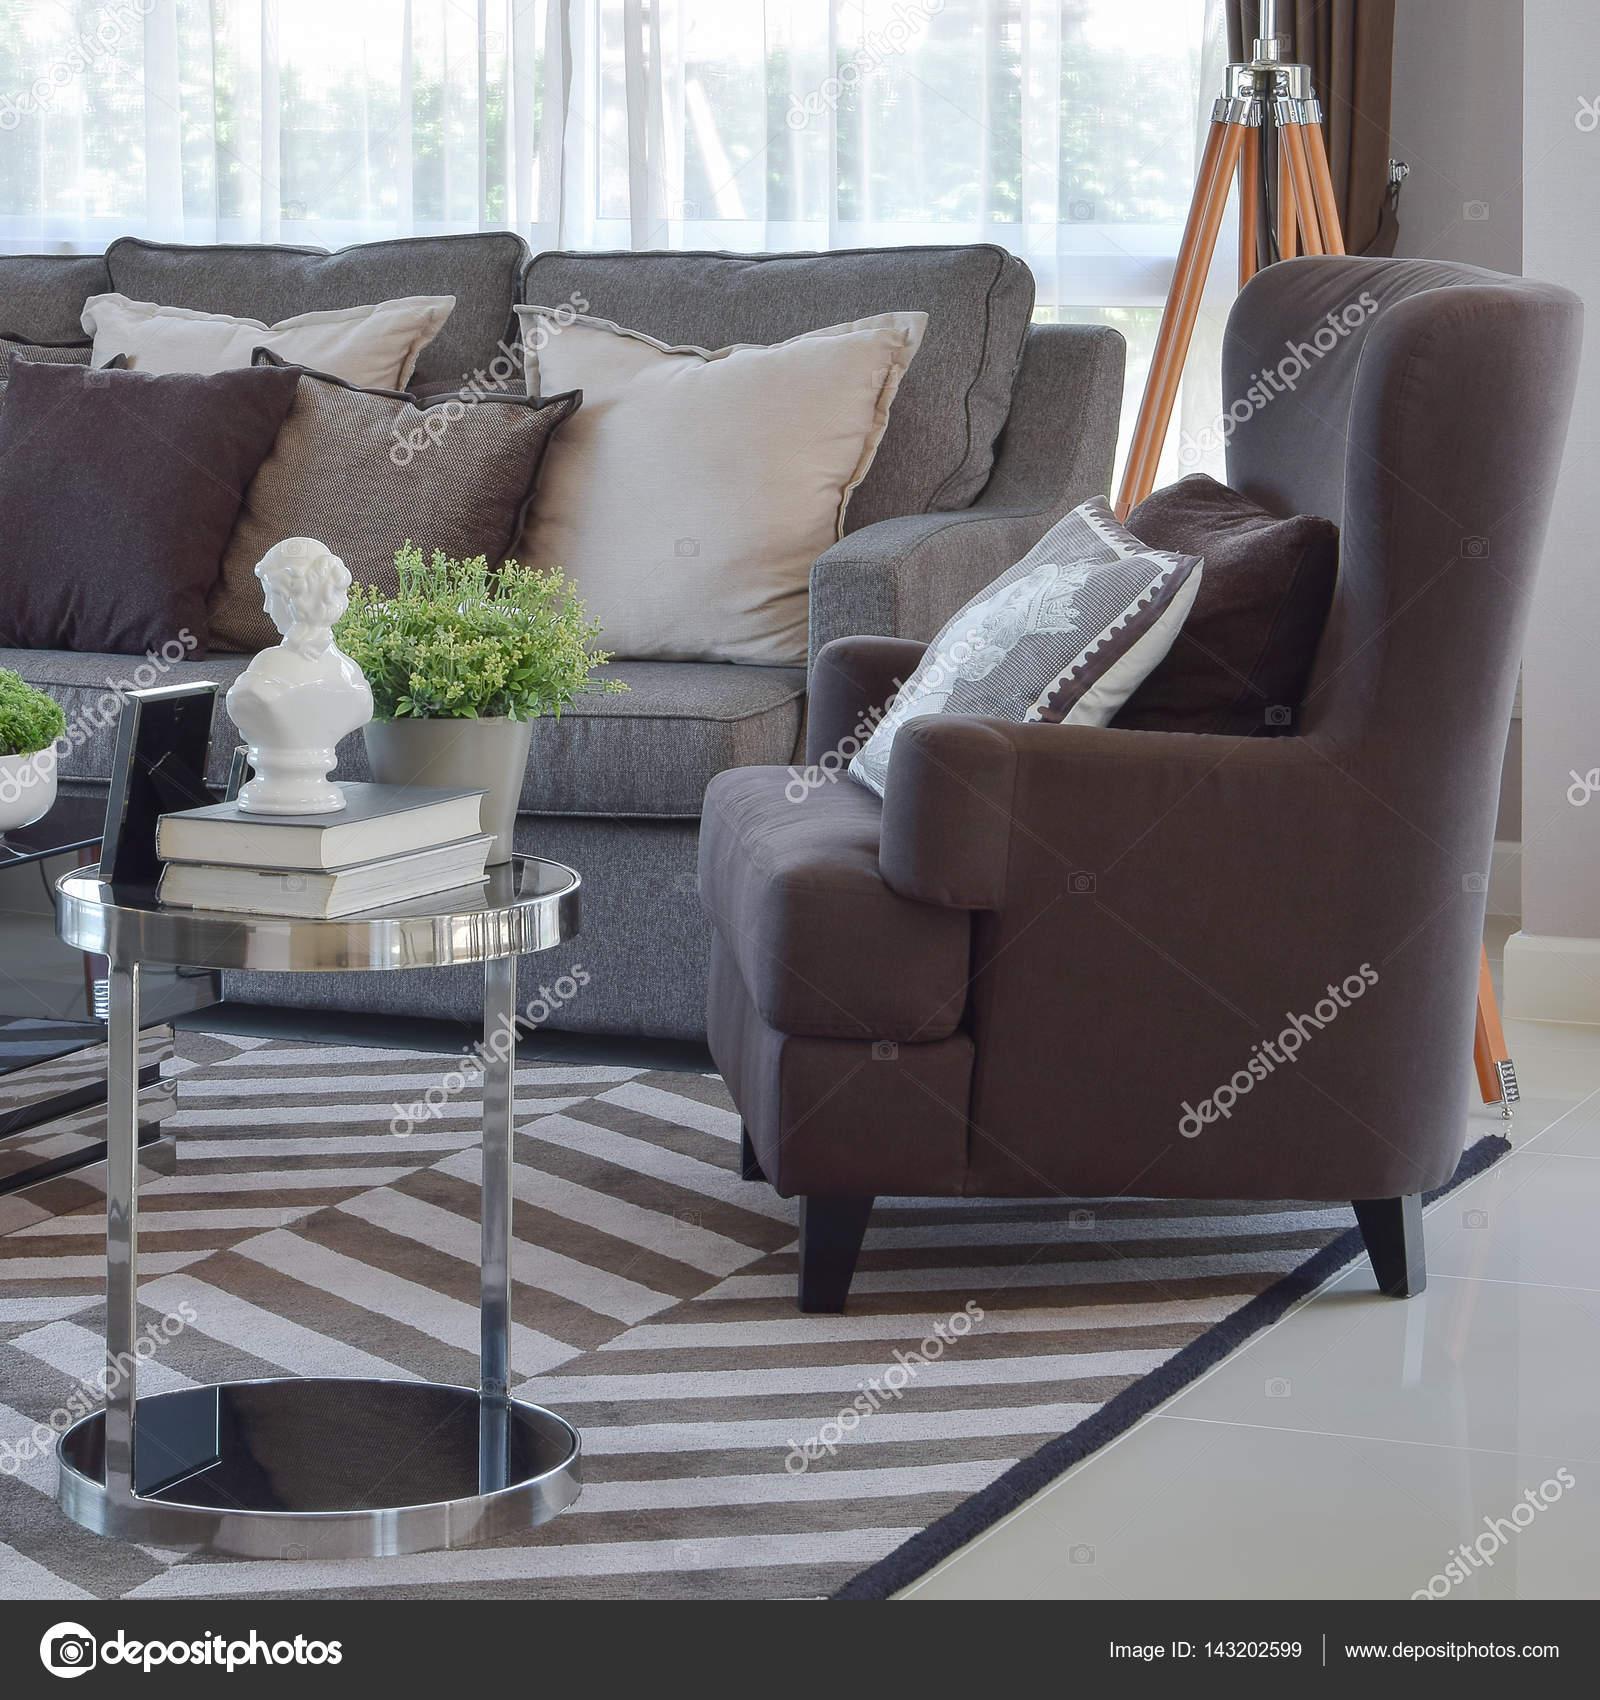 Moderne Wohnzimmer Design Mit Tweed Braunen Sofa Und Sessel U2014 Stockfoto